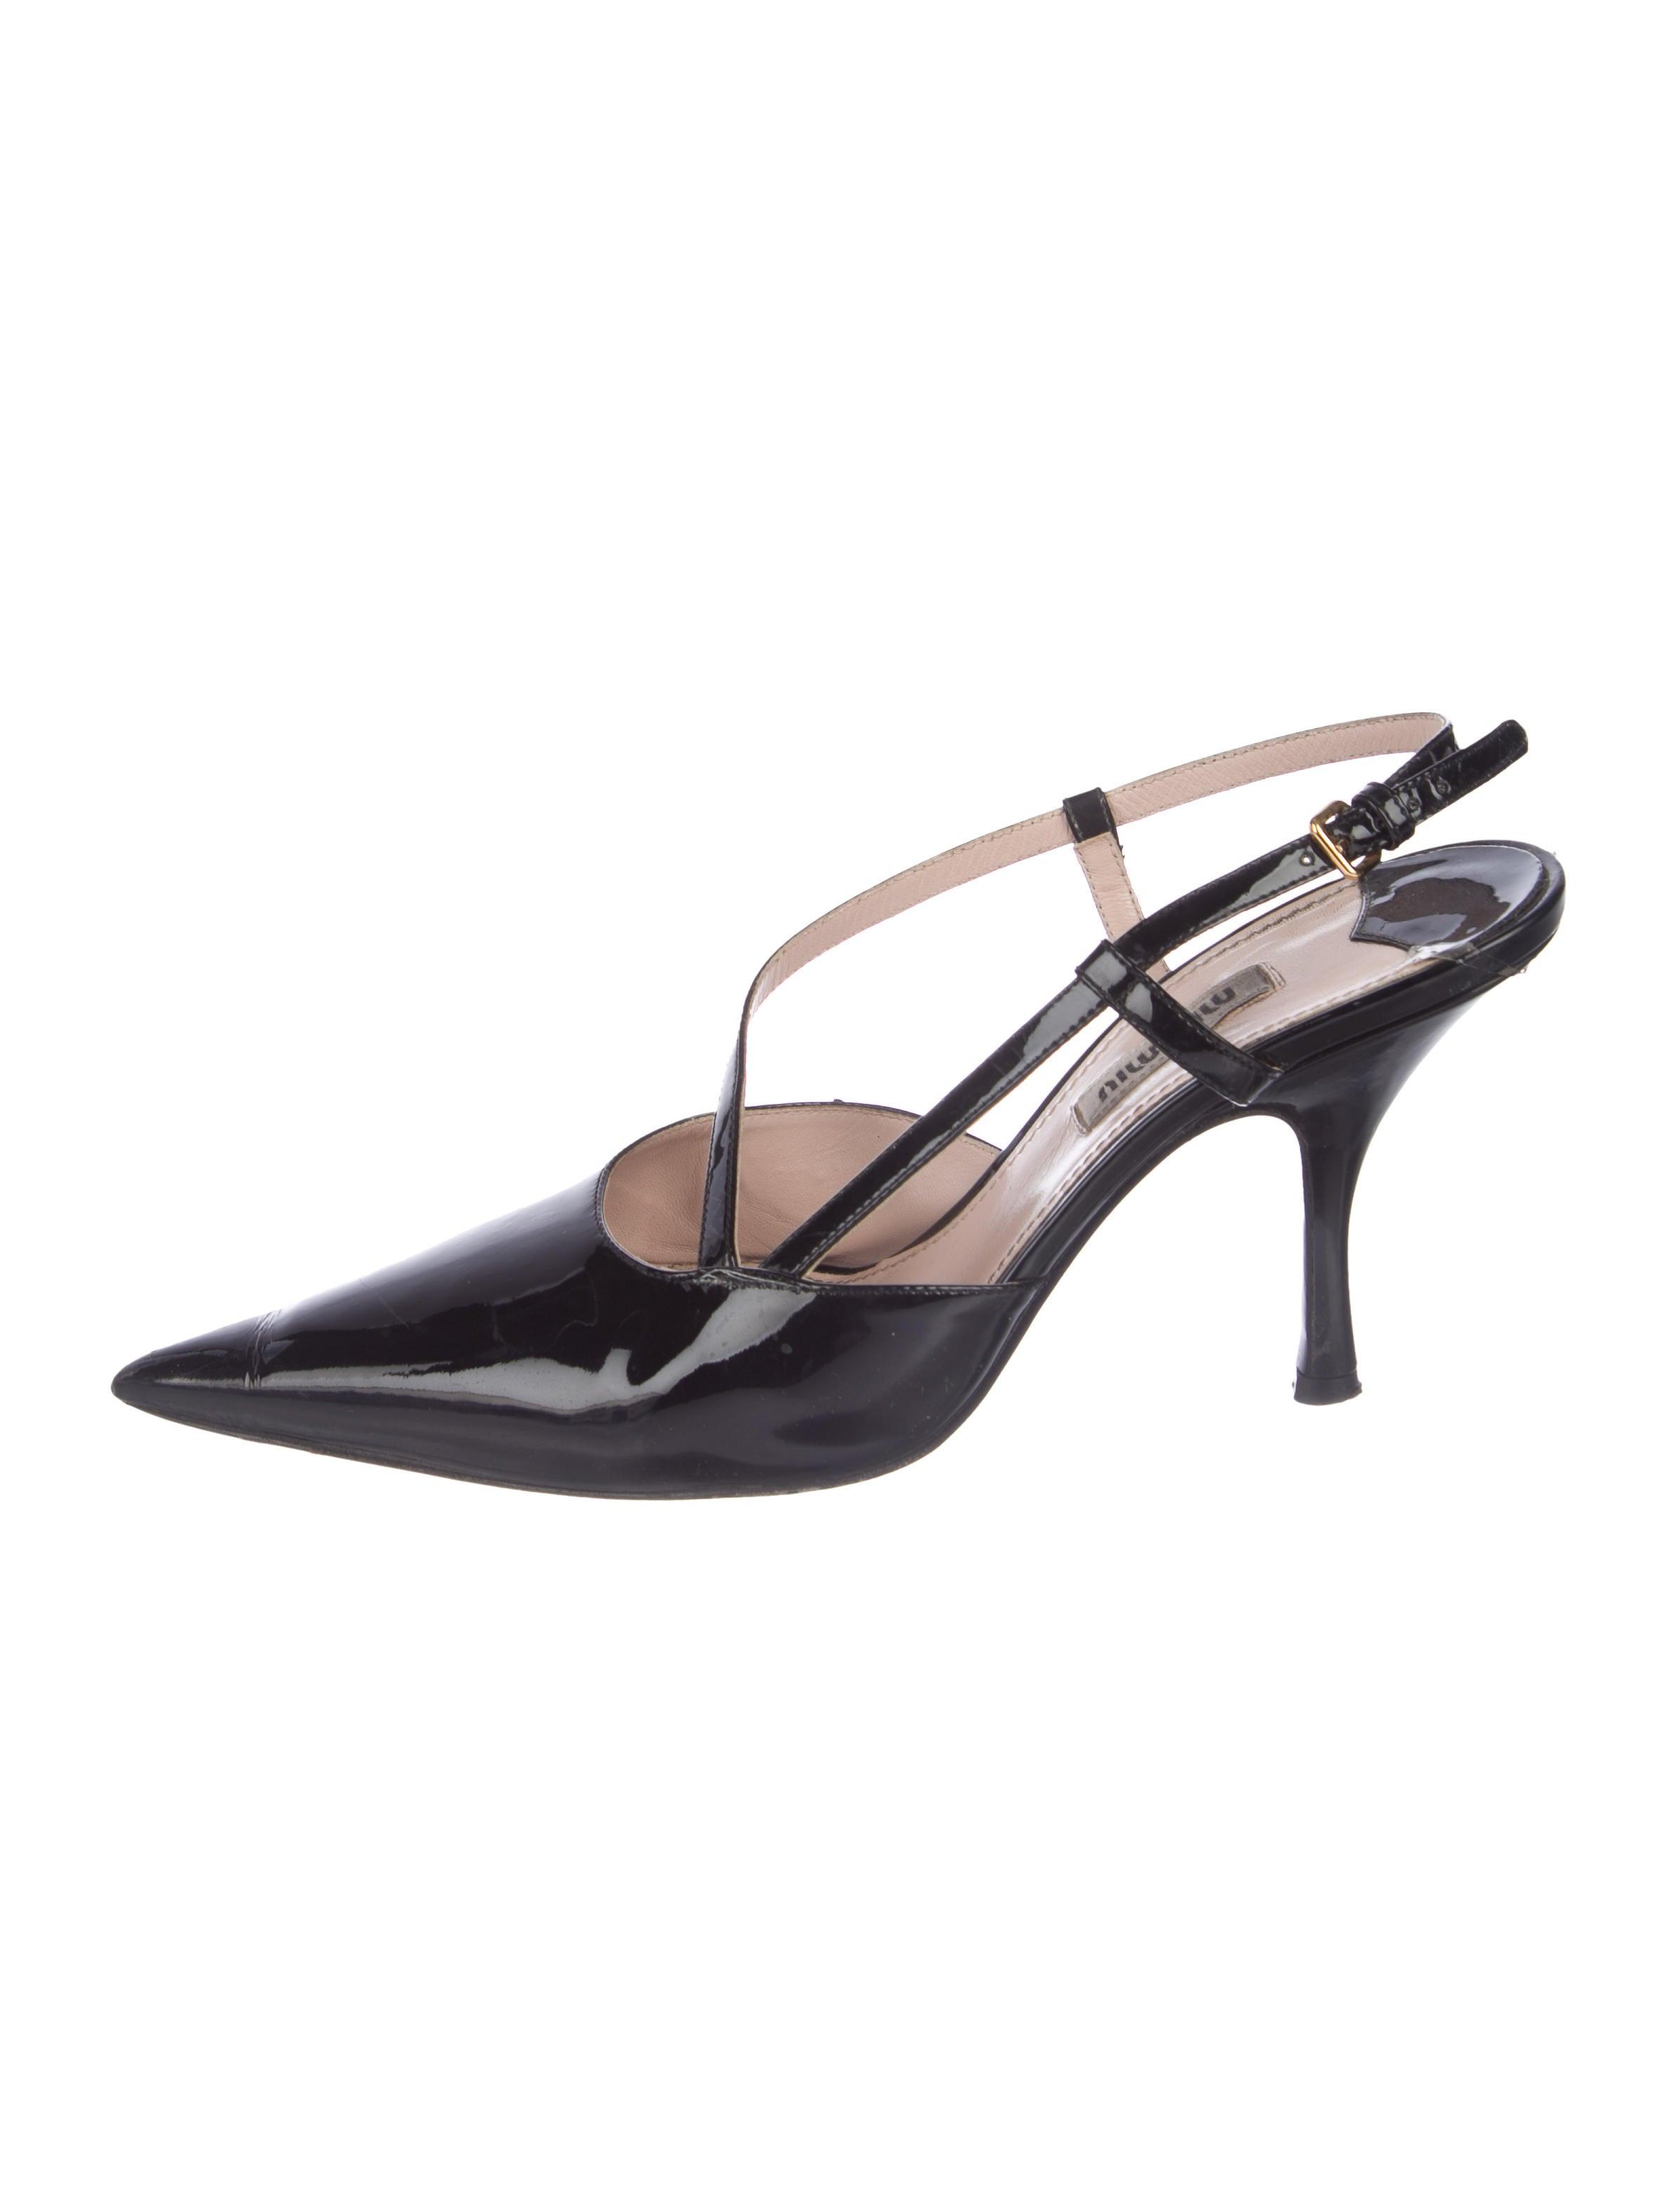 4716d64961b1 Miu Miu Patent Leather Slingback Pumps - Shoes - MIU71814